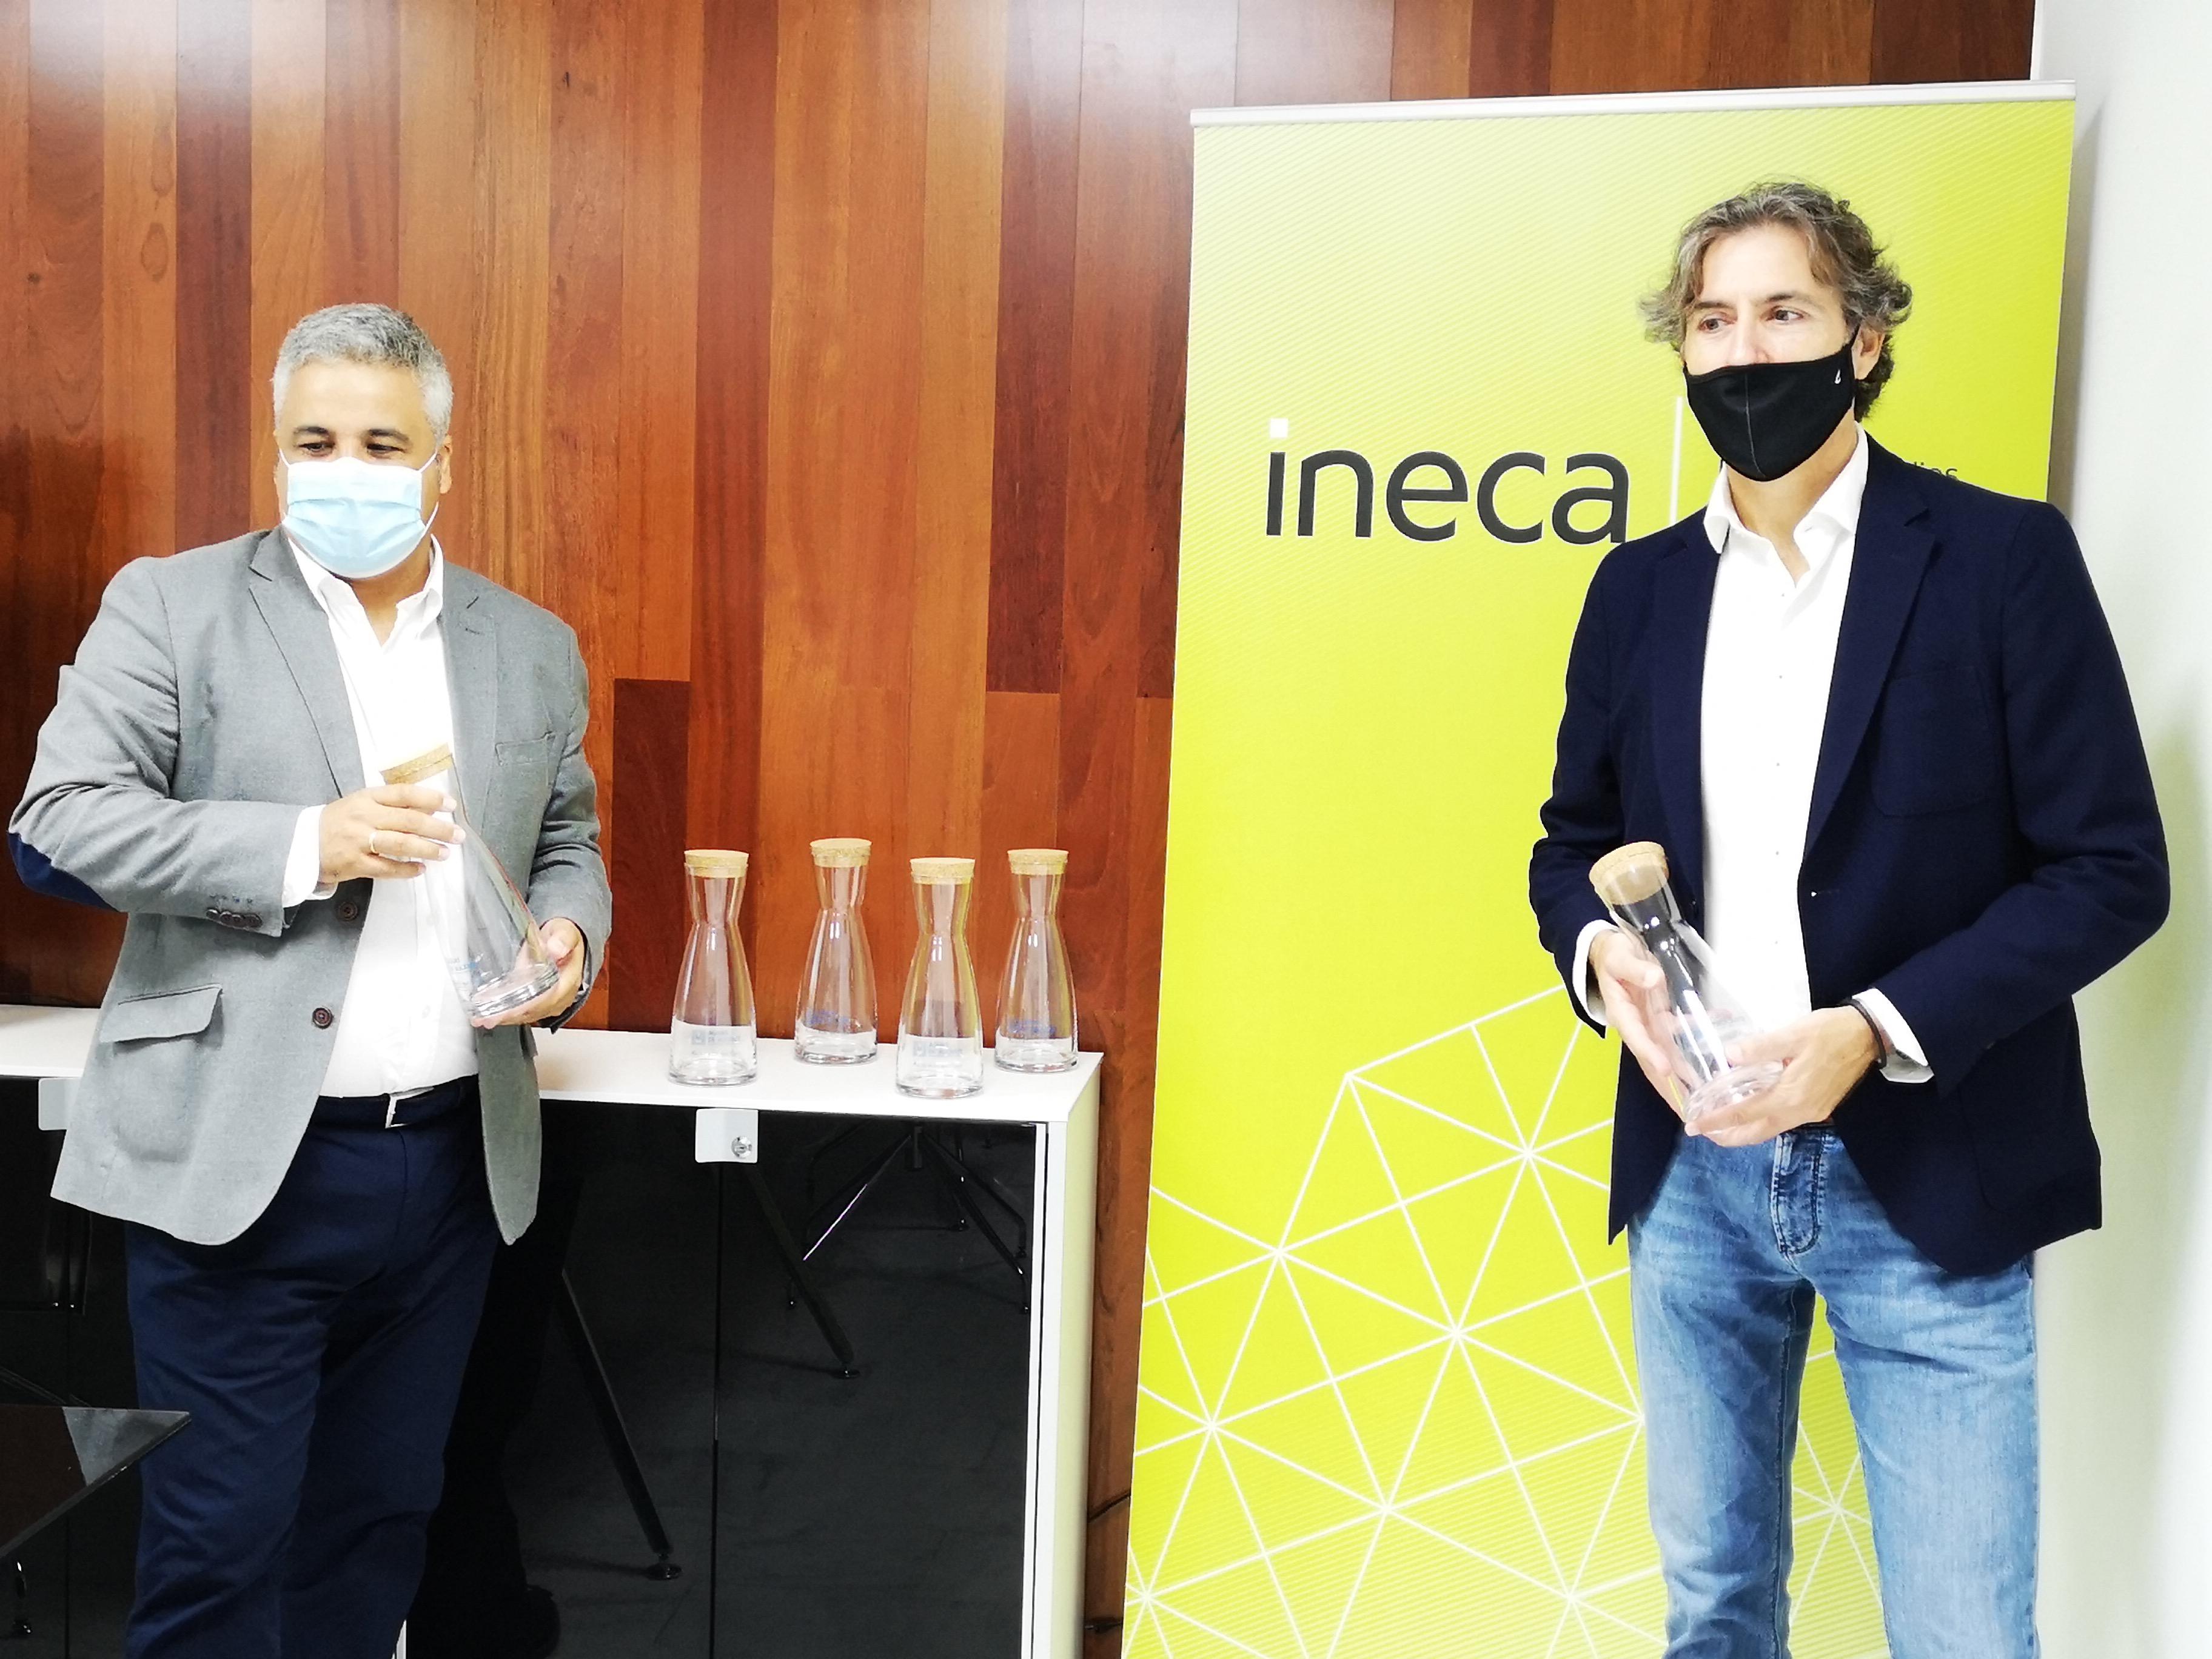 INECA y Aguas de Alicante colaboran para reducir residuos plásticos